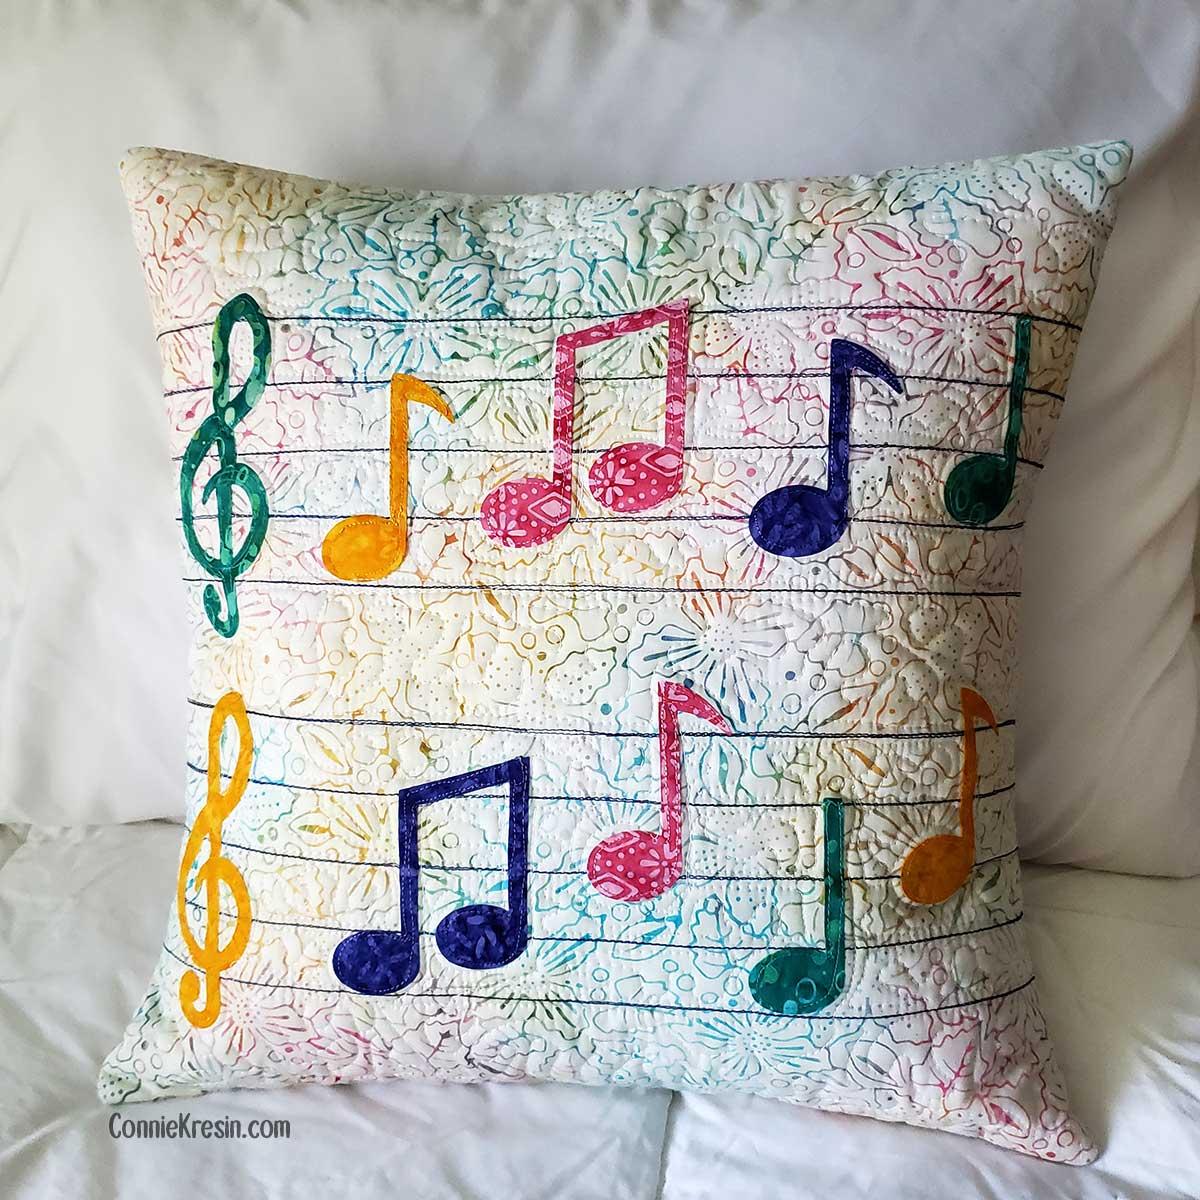 Musical Notes Applique Pillow Tutorial